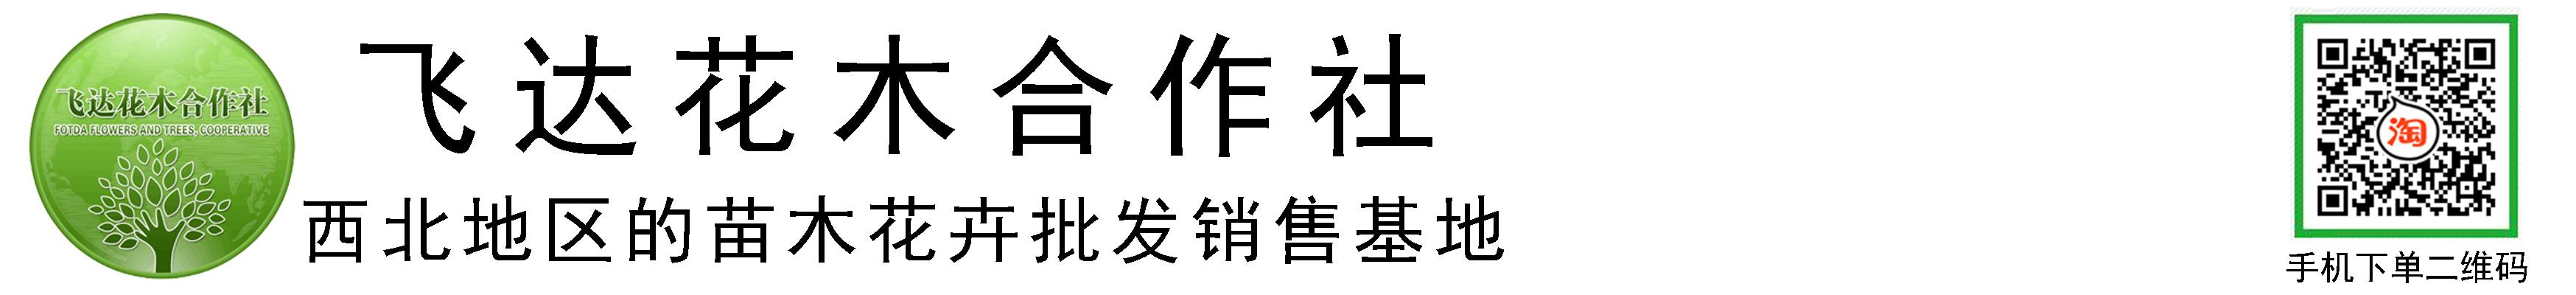 临洮县飞达花木种植农民专业合作社